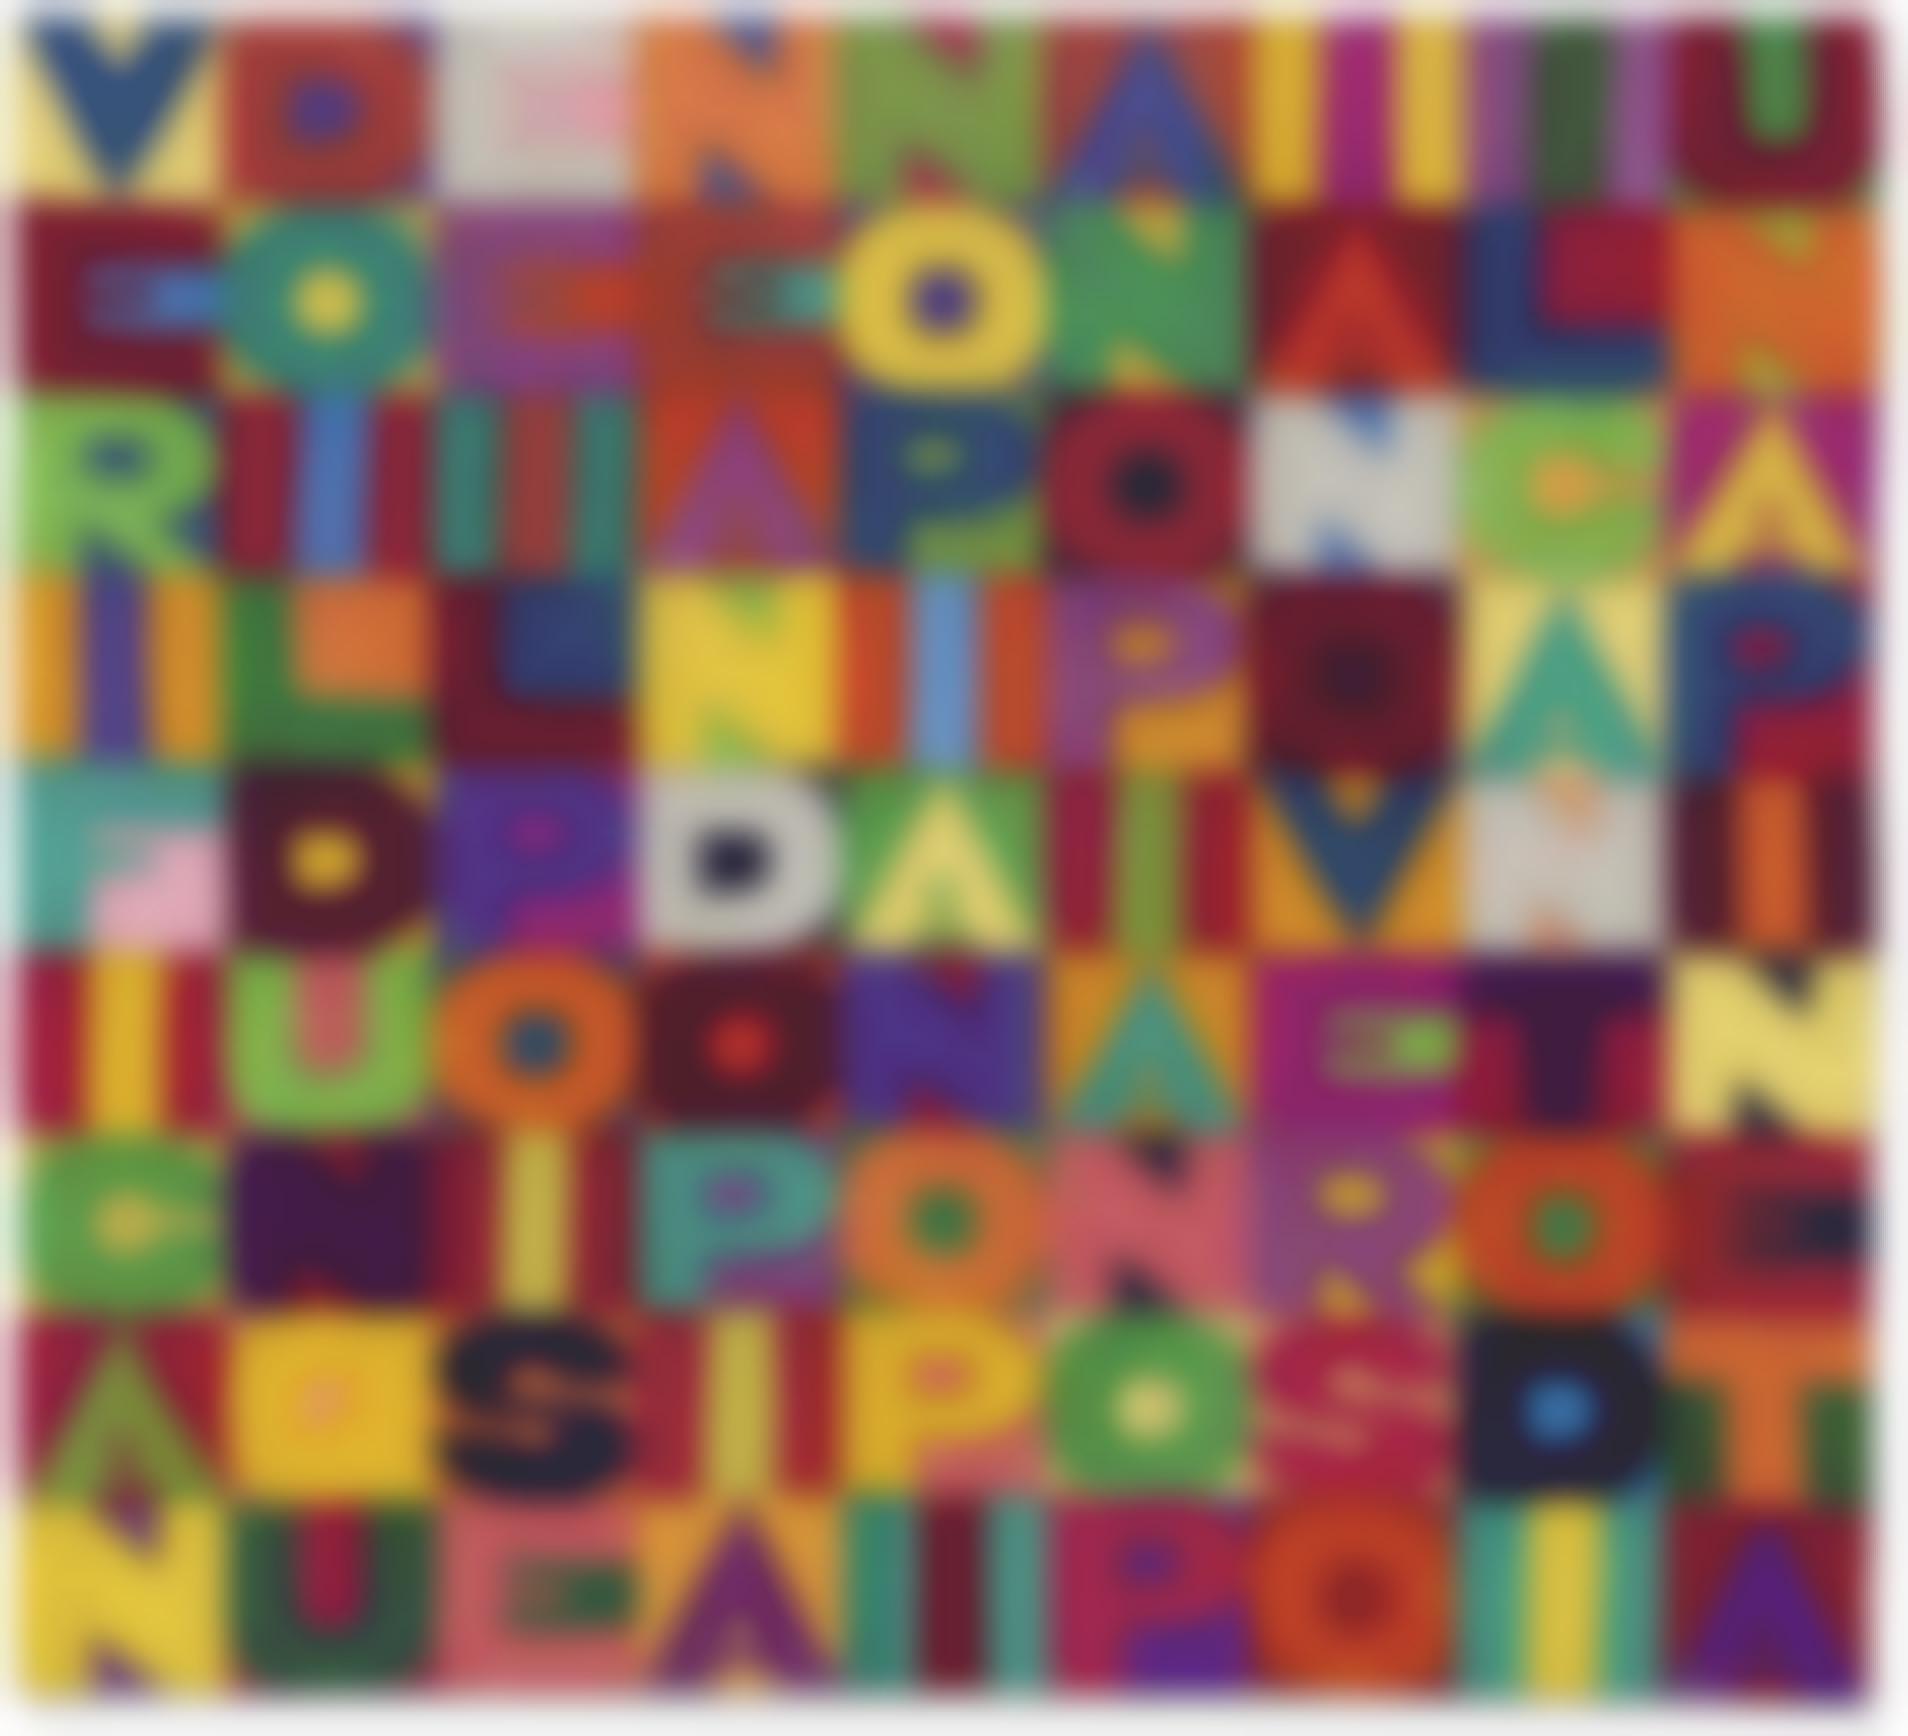 Alighiero Boetti-Verificando Il Dunque E Il Poi Se Ne Ando Piano Piano Piano Piano Piano Verso Il Canto Di Una Pineta-1990